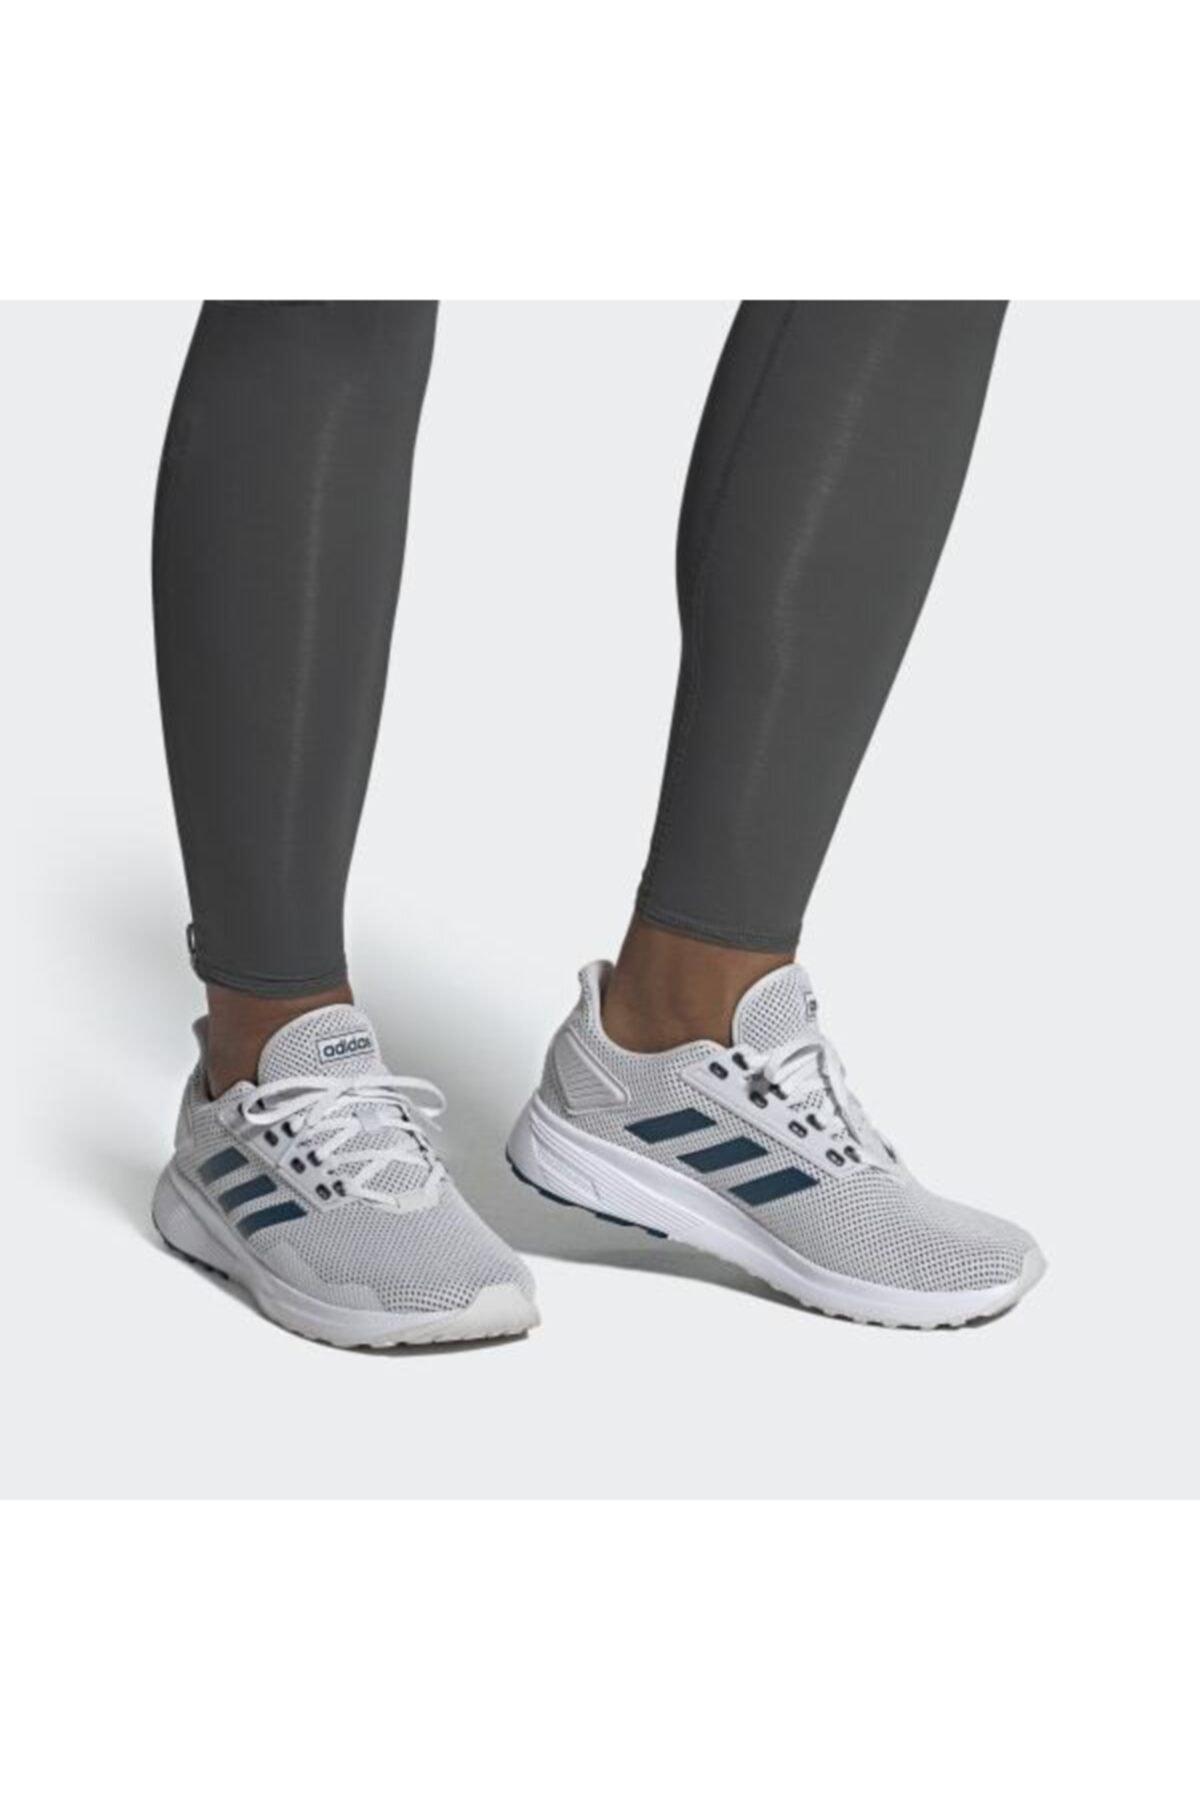 adidas Eg3005 Duramo 9 Erkek Koşu Ayakkabı 1